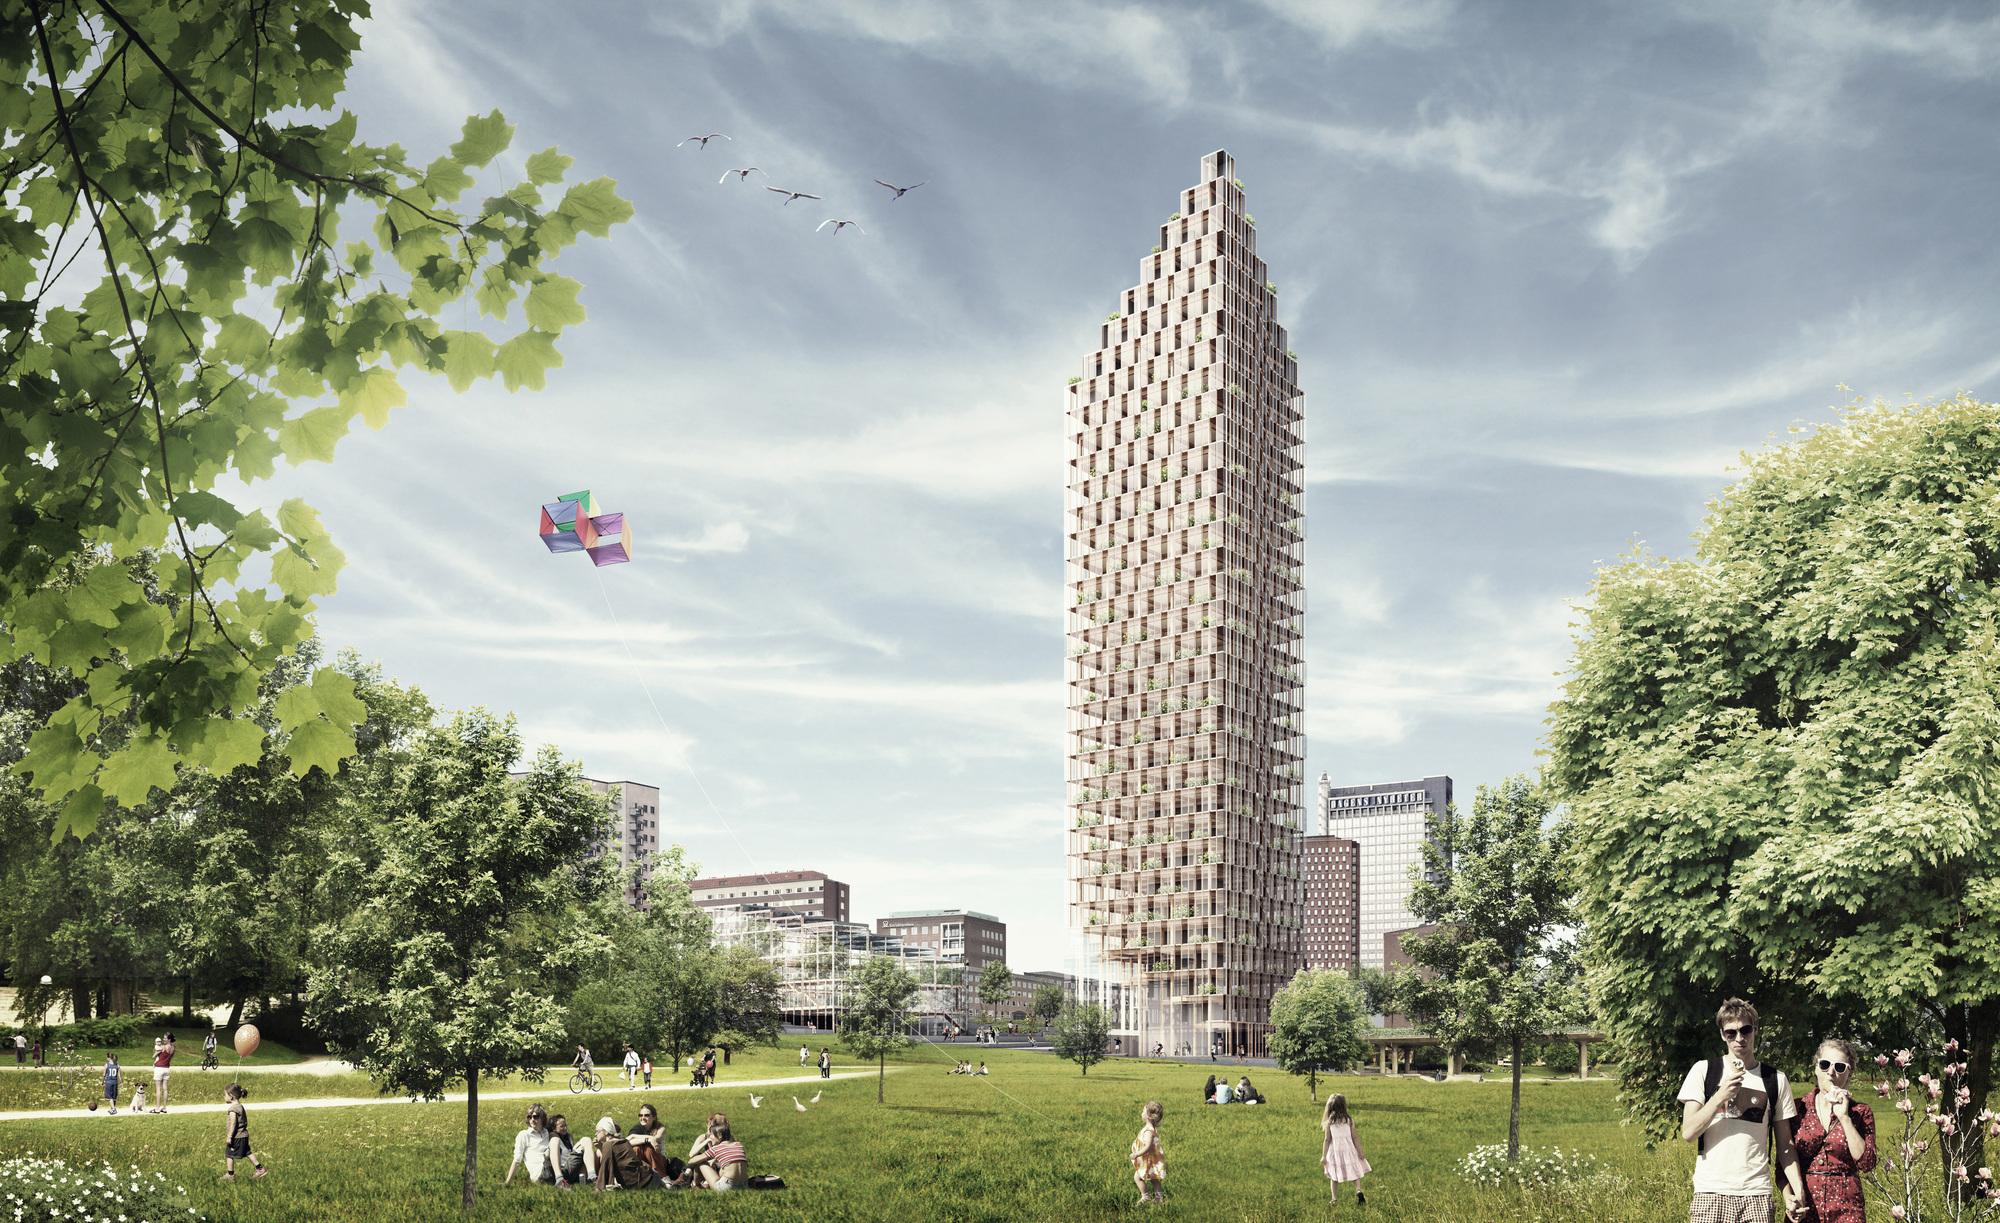 В Швеции возведут небоскреб из дерева